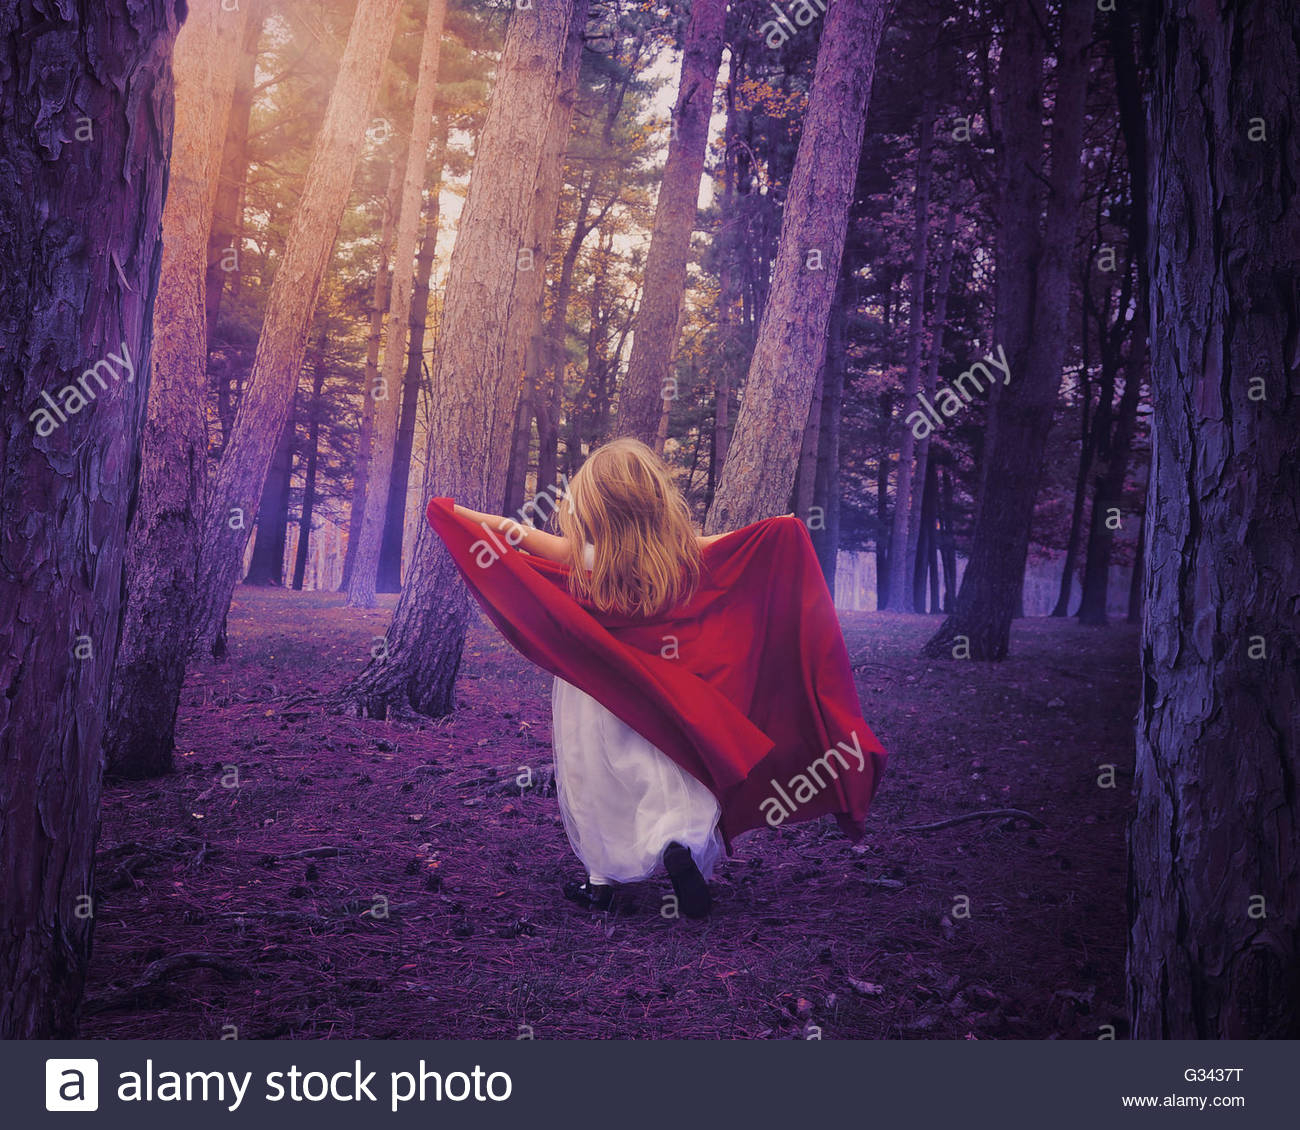 Una bambina indossa un abito bianco e rosso acceso del capo nei boschi con per una favola surreale o adventure concept. Immagini Stock